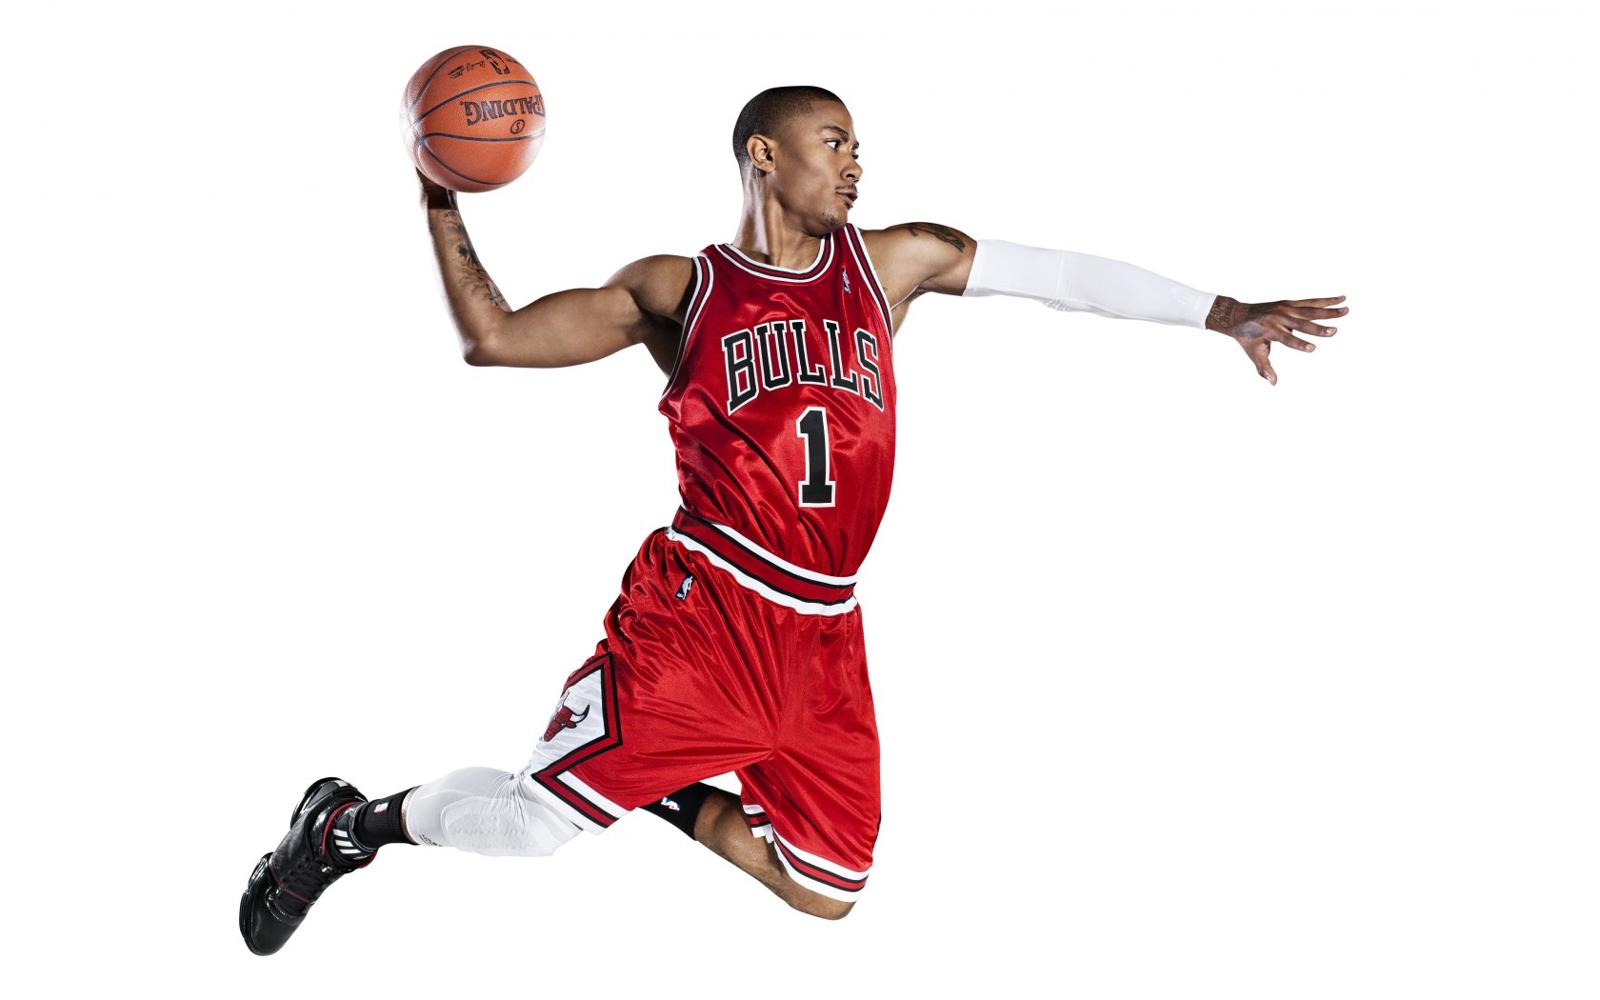 Derrick Rose 2013 Chicago Bulls NBA USA Hd Desktop Wallpaper 1600x1000